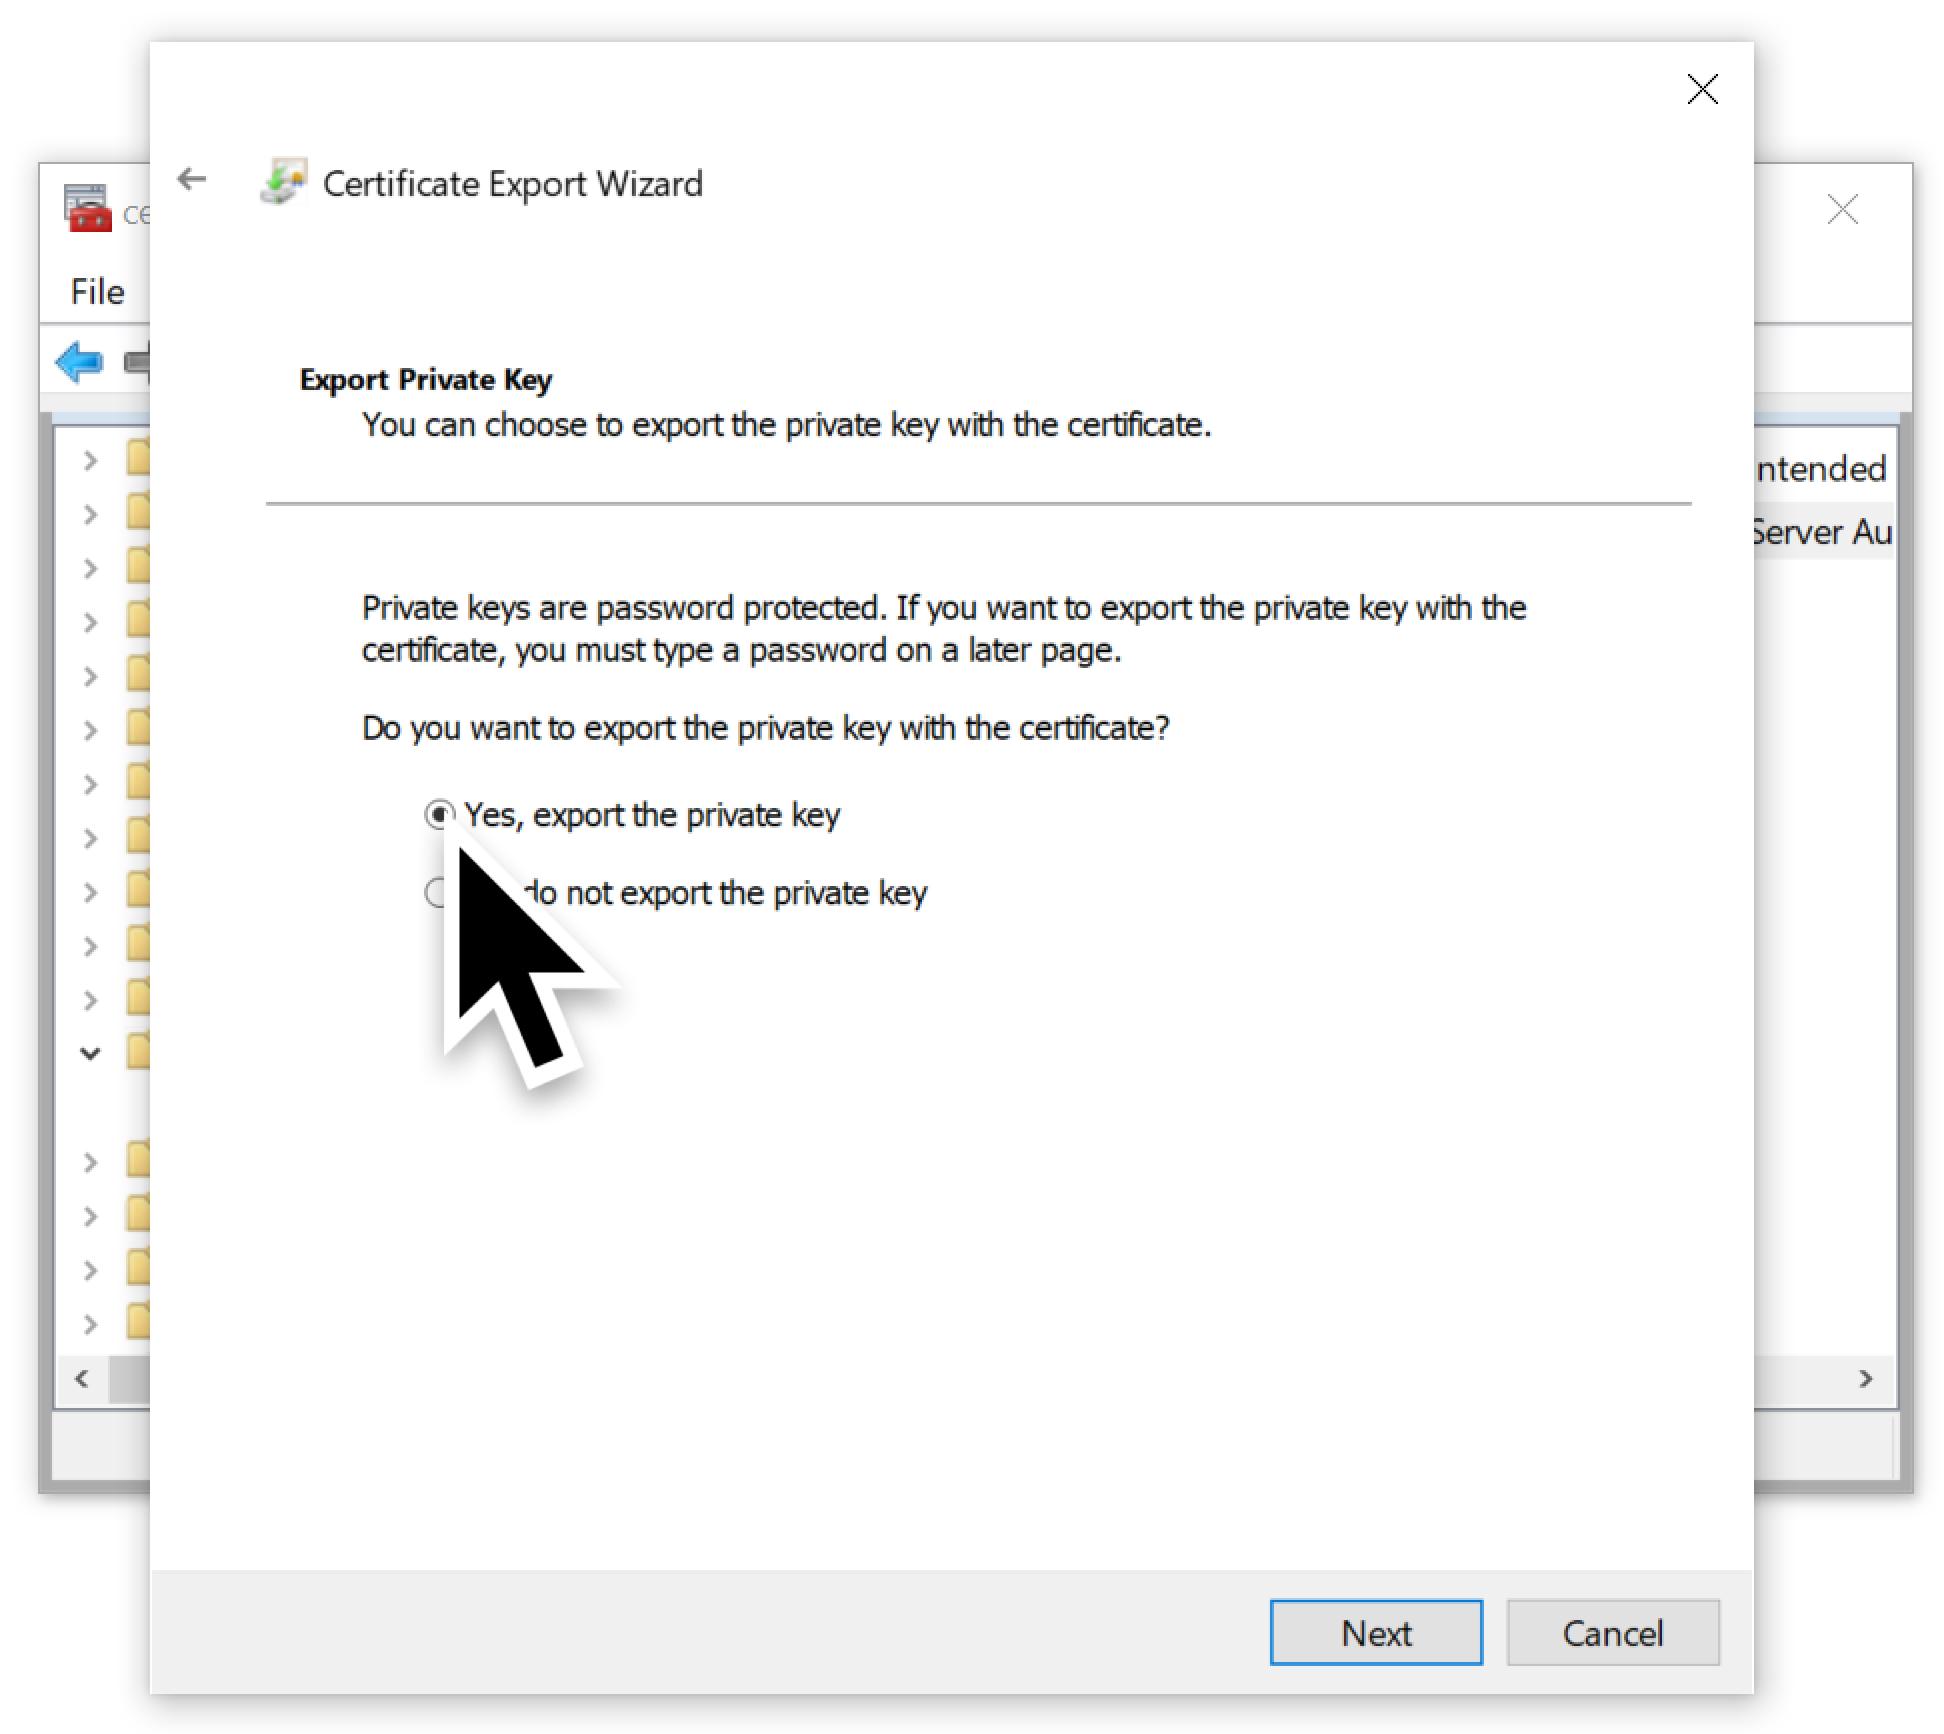 スクリーンショットには次のように書かれています。「秘密キーのエクスポート: 秘密キーを証明書と一緒にエクスポートすることができます。秘密キーはパスワードで保護されています。秘密キーを証明書と一緒にエクスポートする場合は、パスワードを入力する必要があります。証明書と一緒に秘密キーをエクスポートしますか?」大きな黒矢印は、秘密鍵が証明書と一緒にエクスポートされるようにするために何を選択すべきかを示しています。